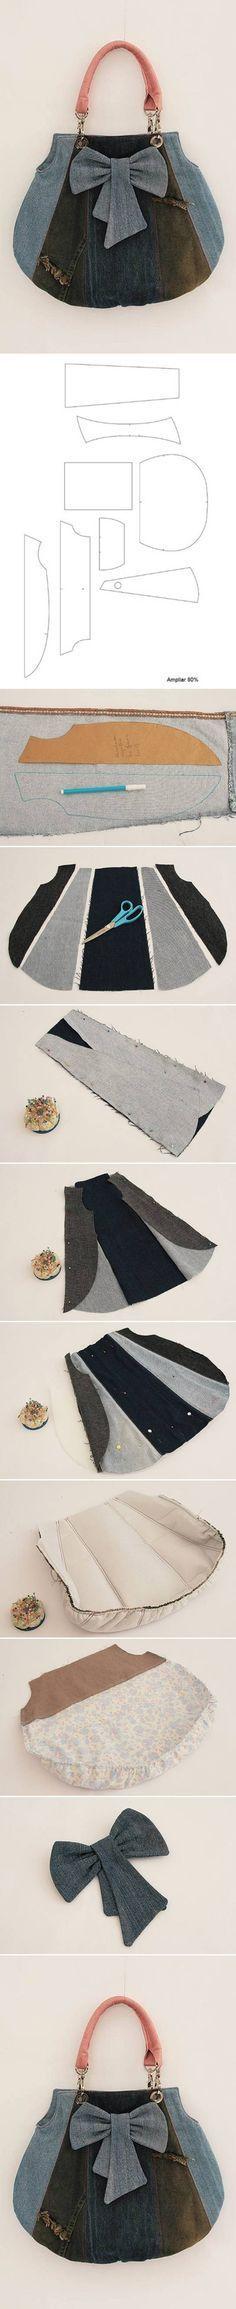 DIY Old Jeans Fashion Bag